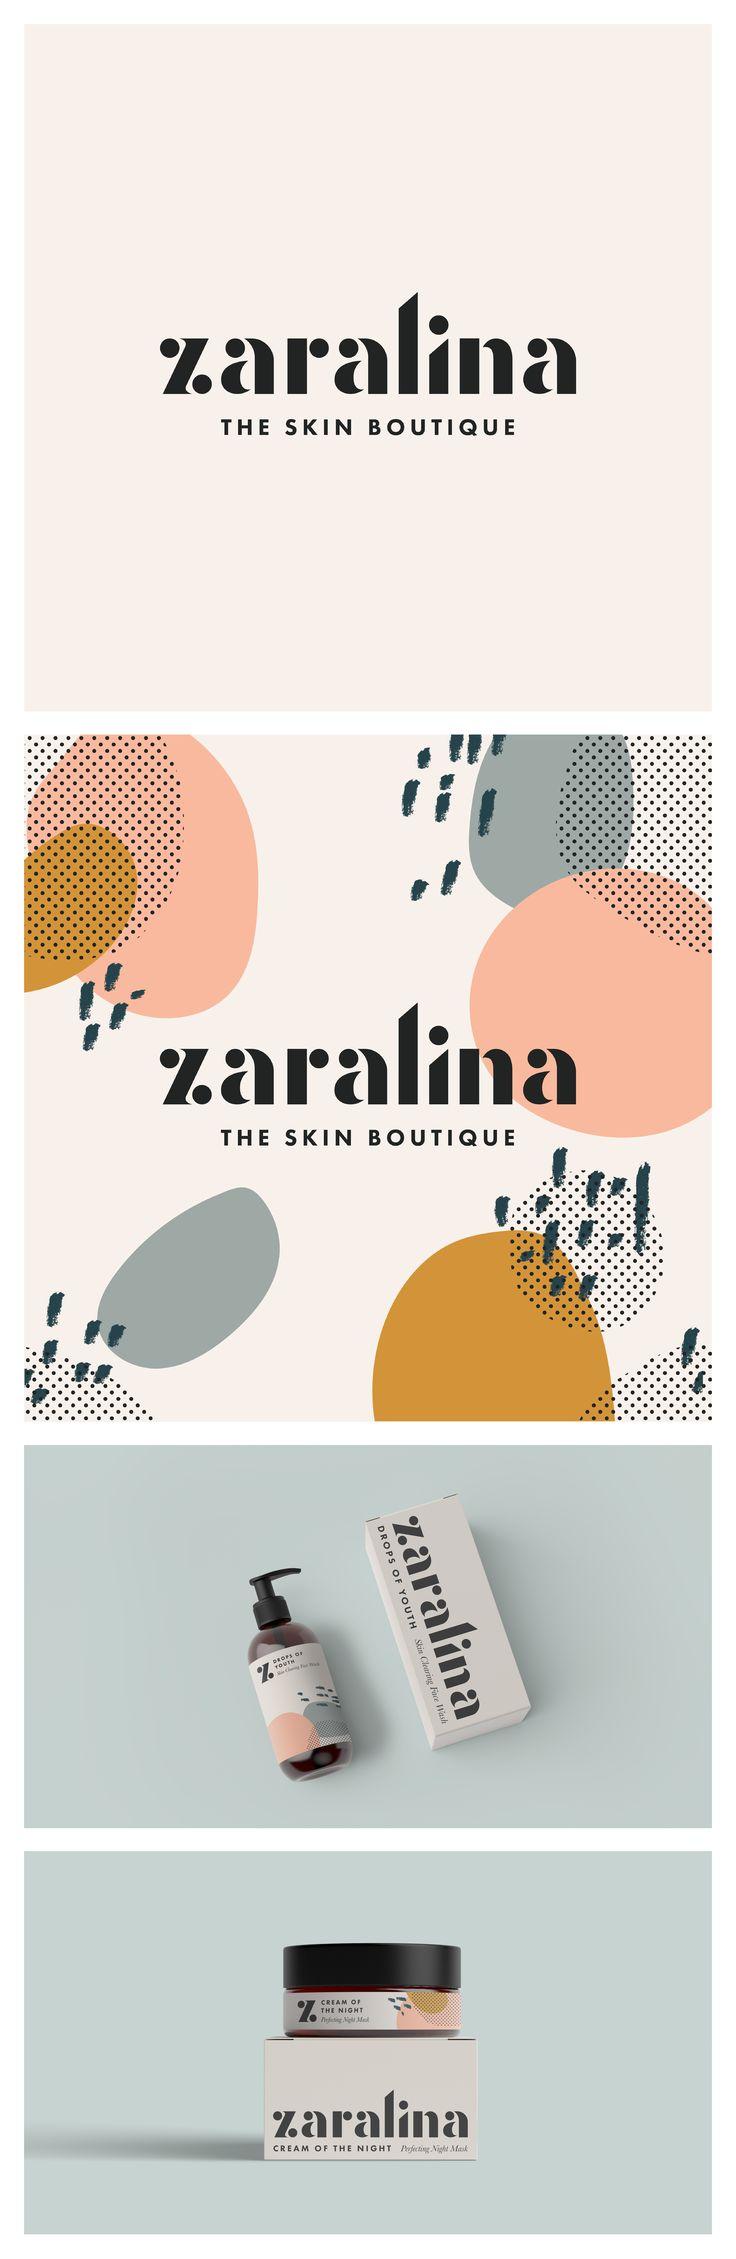 Logotipos de Lucy – Zaralina The Skin Boutique – Fuente personalizada – Diseño de logotipo y …  – CI